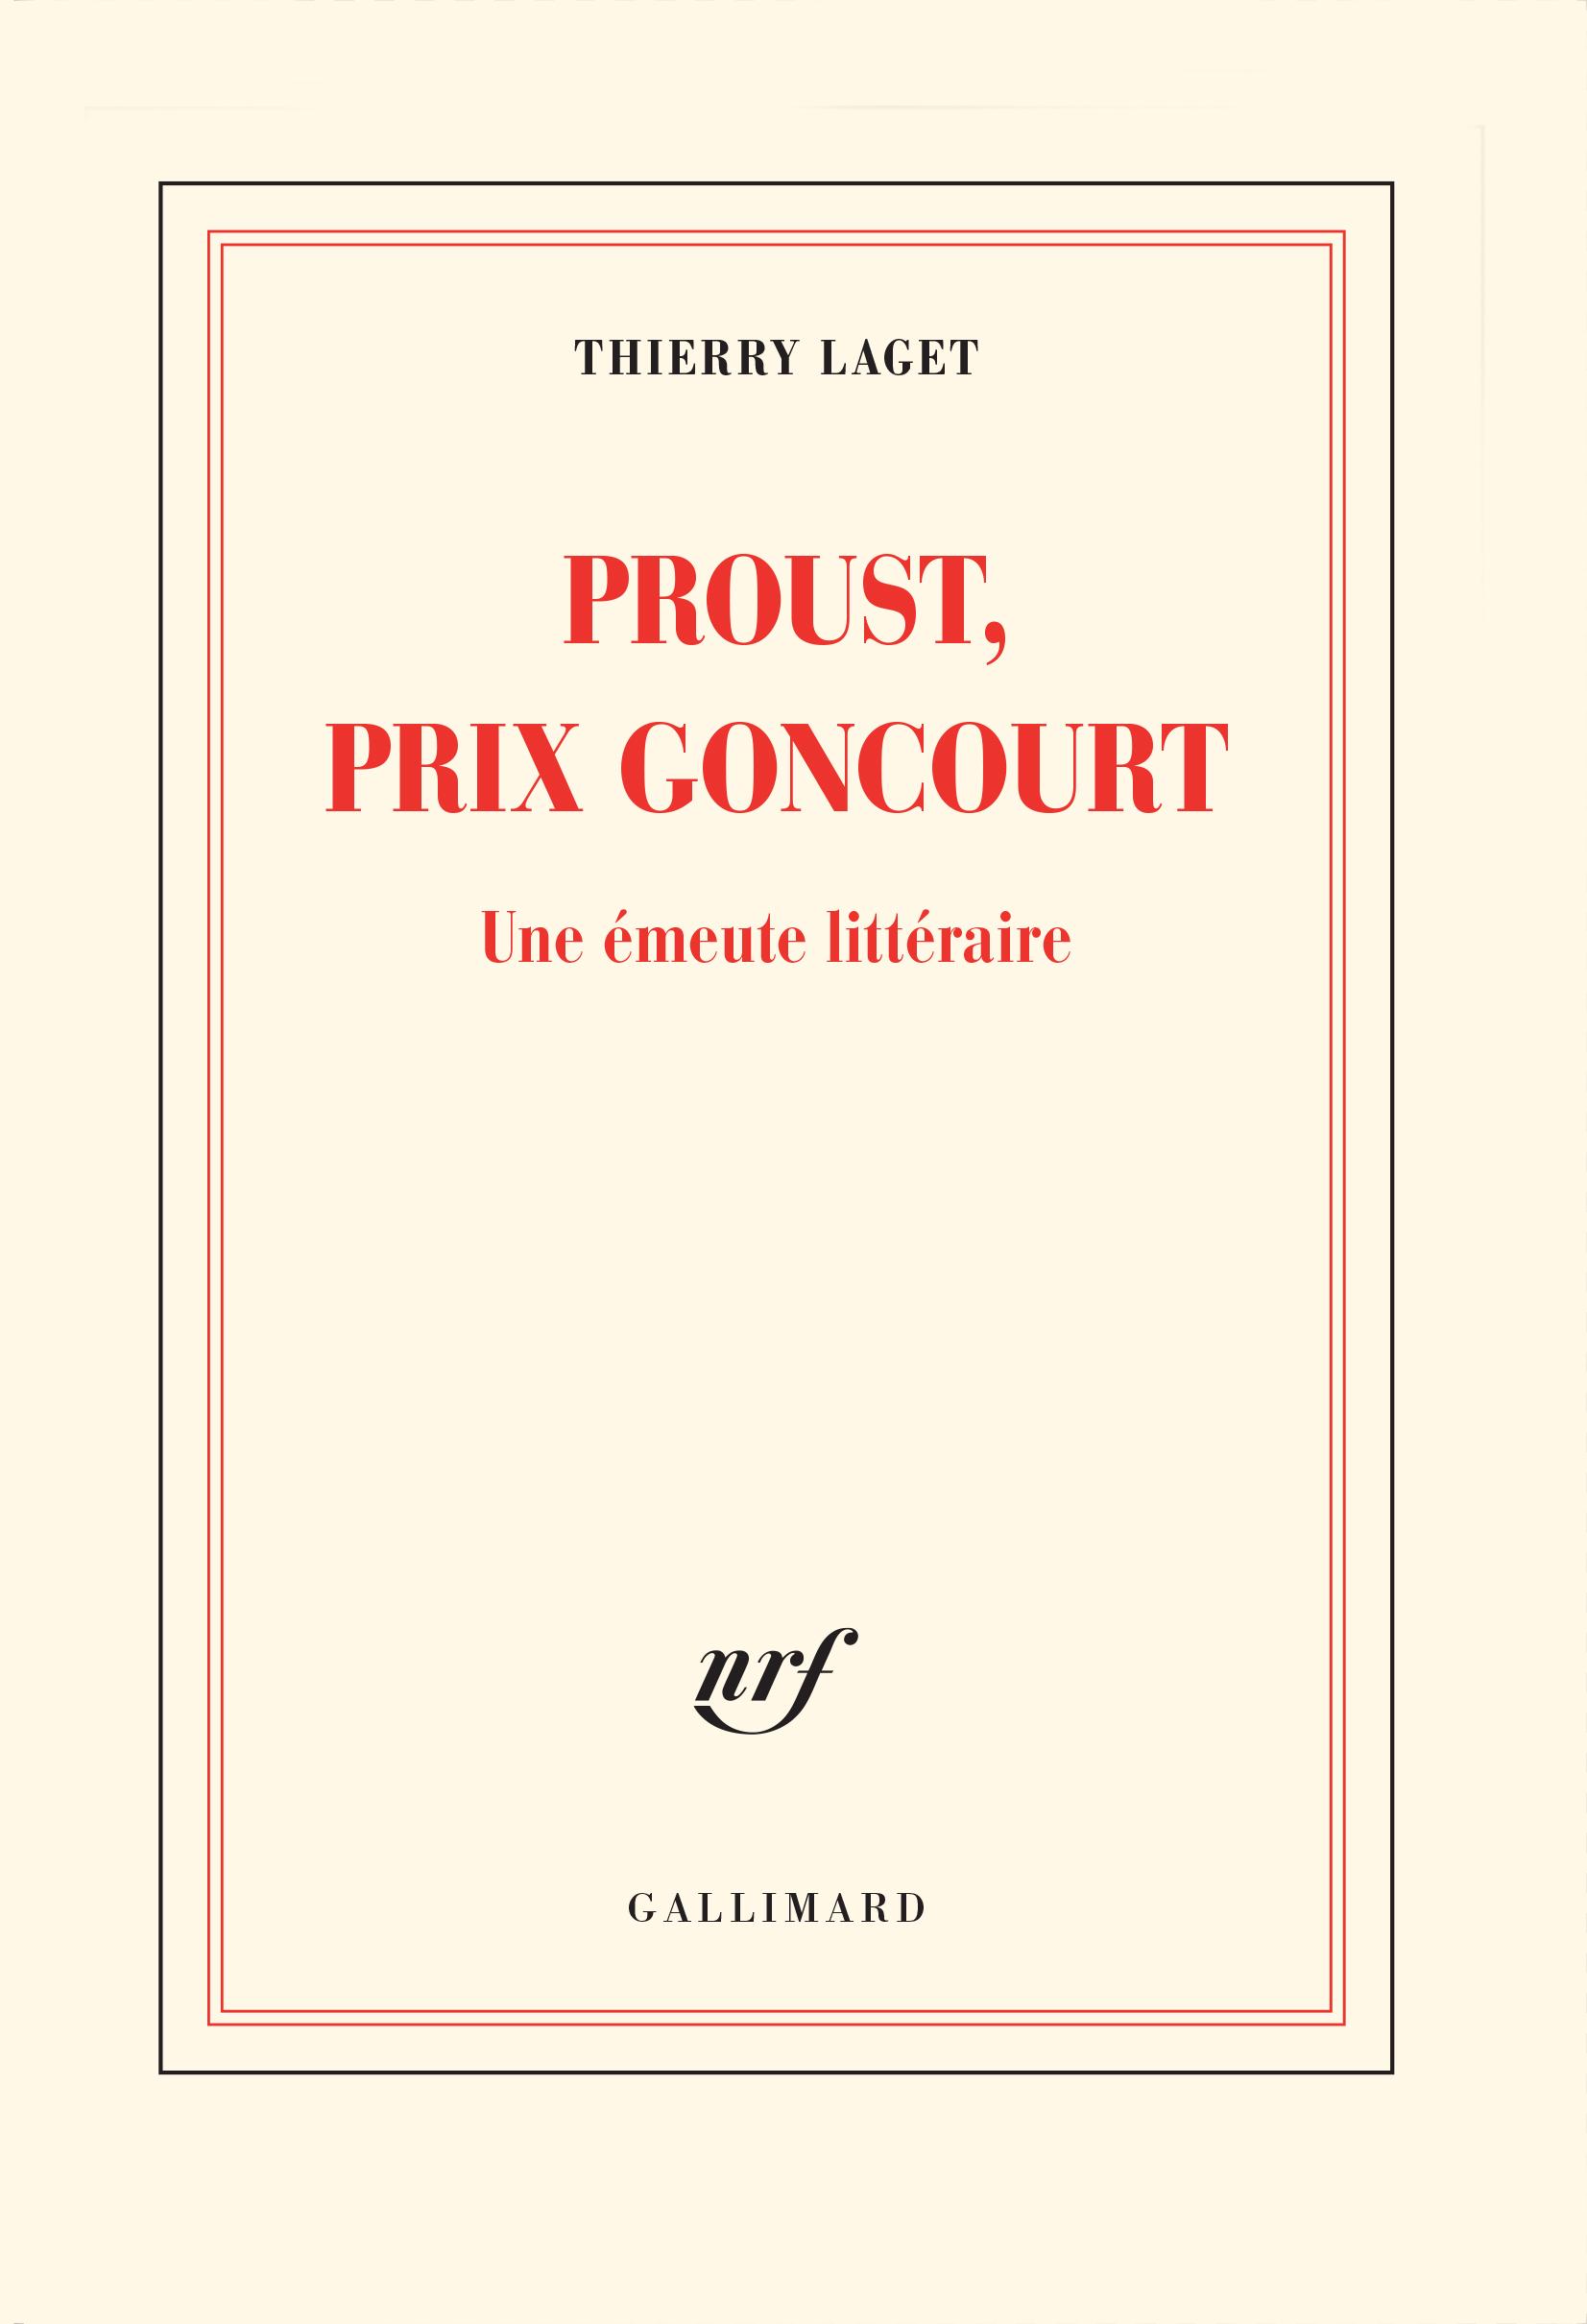 Th. Laget, Proust, prix Goncourt. Une émeute littéraire